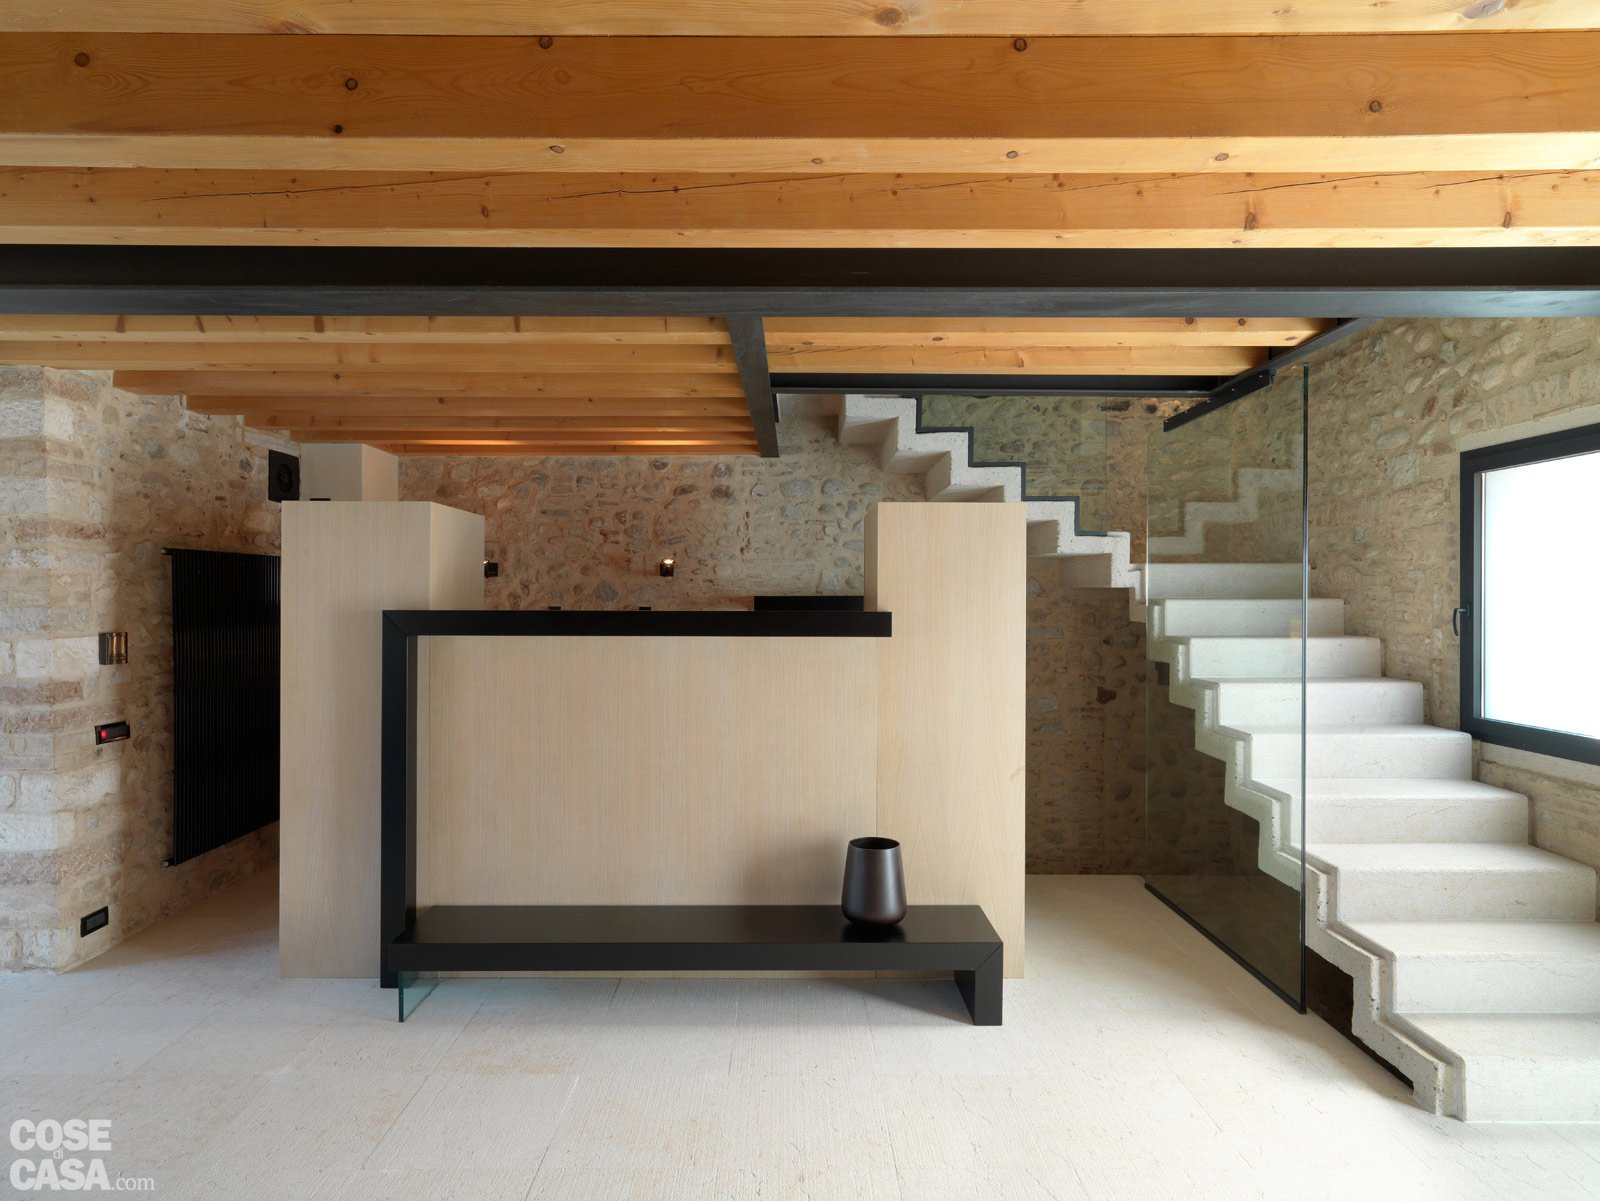 Legno e pietra a vista nella casa restaurata cose di casa for Soggiorni moderni in pietra